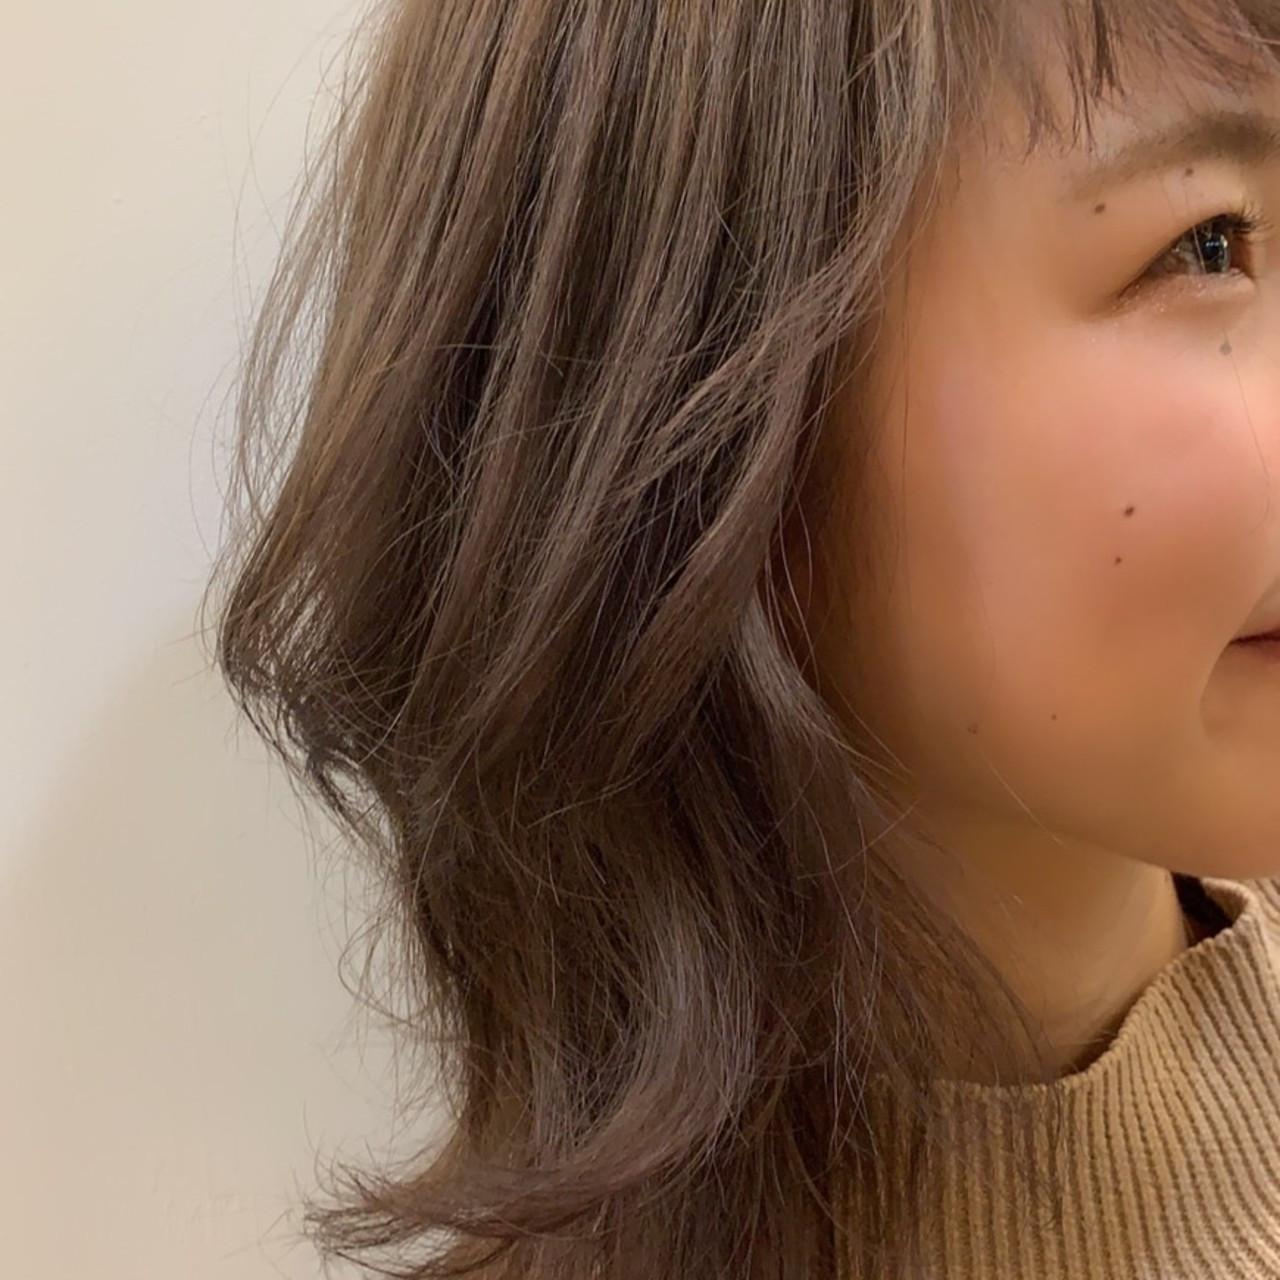 グレージュ ミディアム レイヤーカット フェミニン ヘアスタイルや髪型の写真・画像